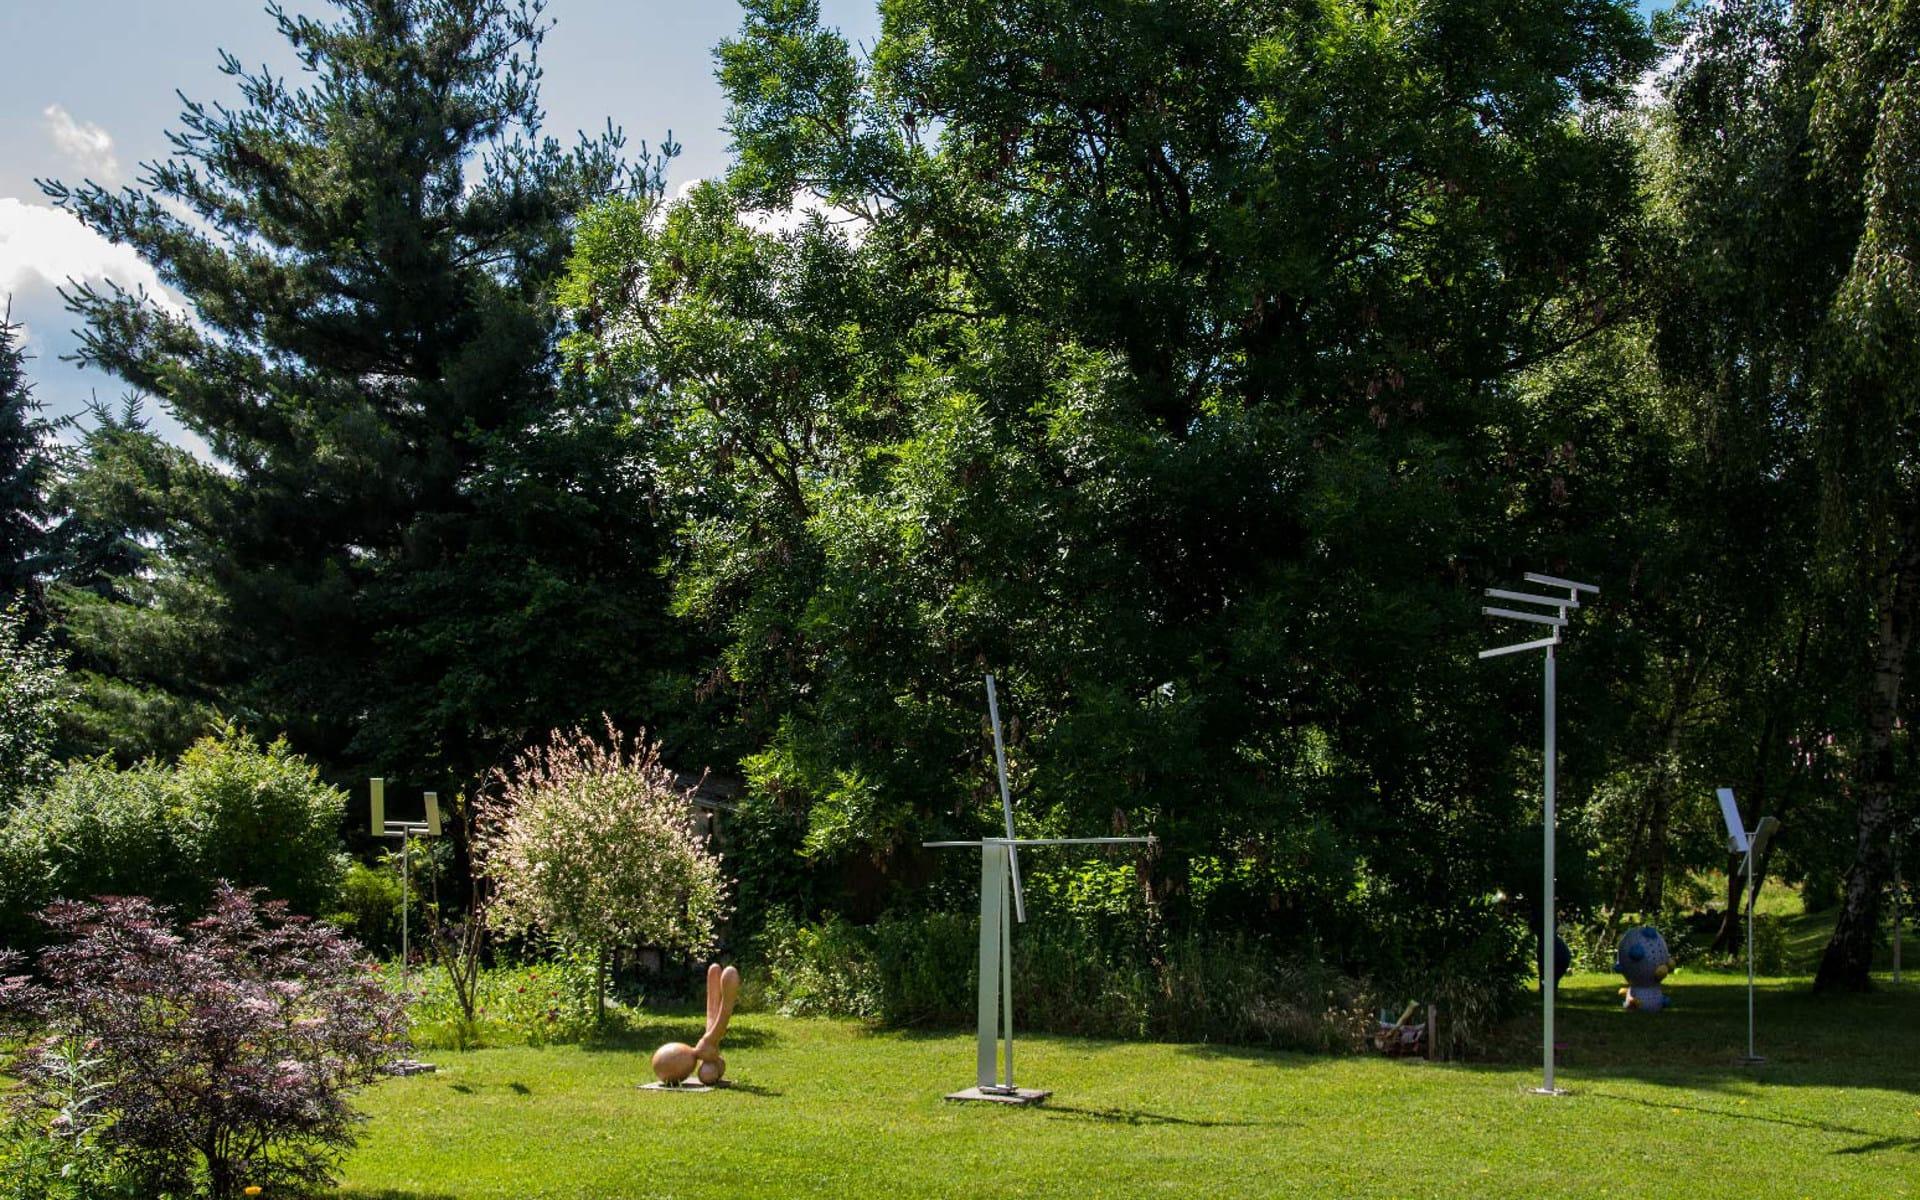 Kunsttour Betzin-Brunne - Skulpturengarten mit vielen Objekten und Statuen